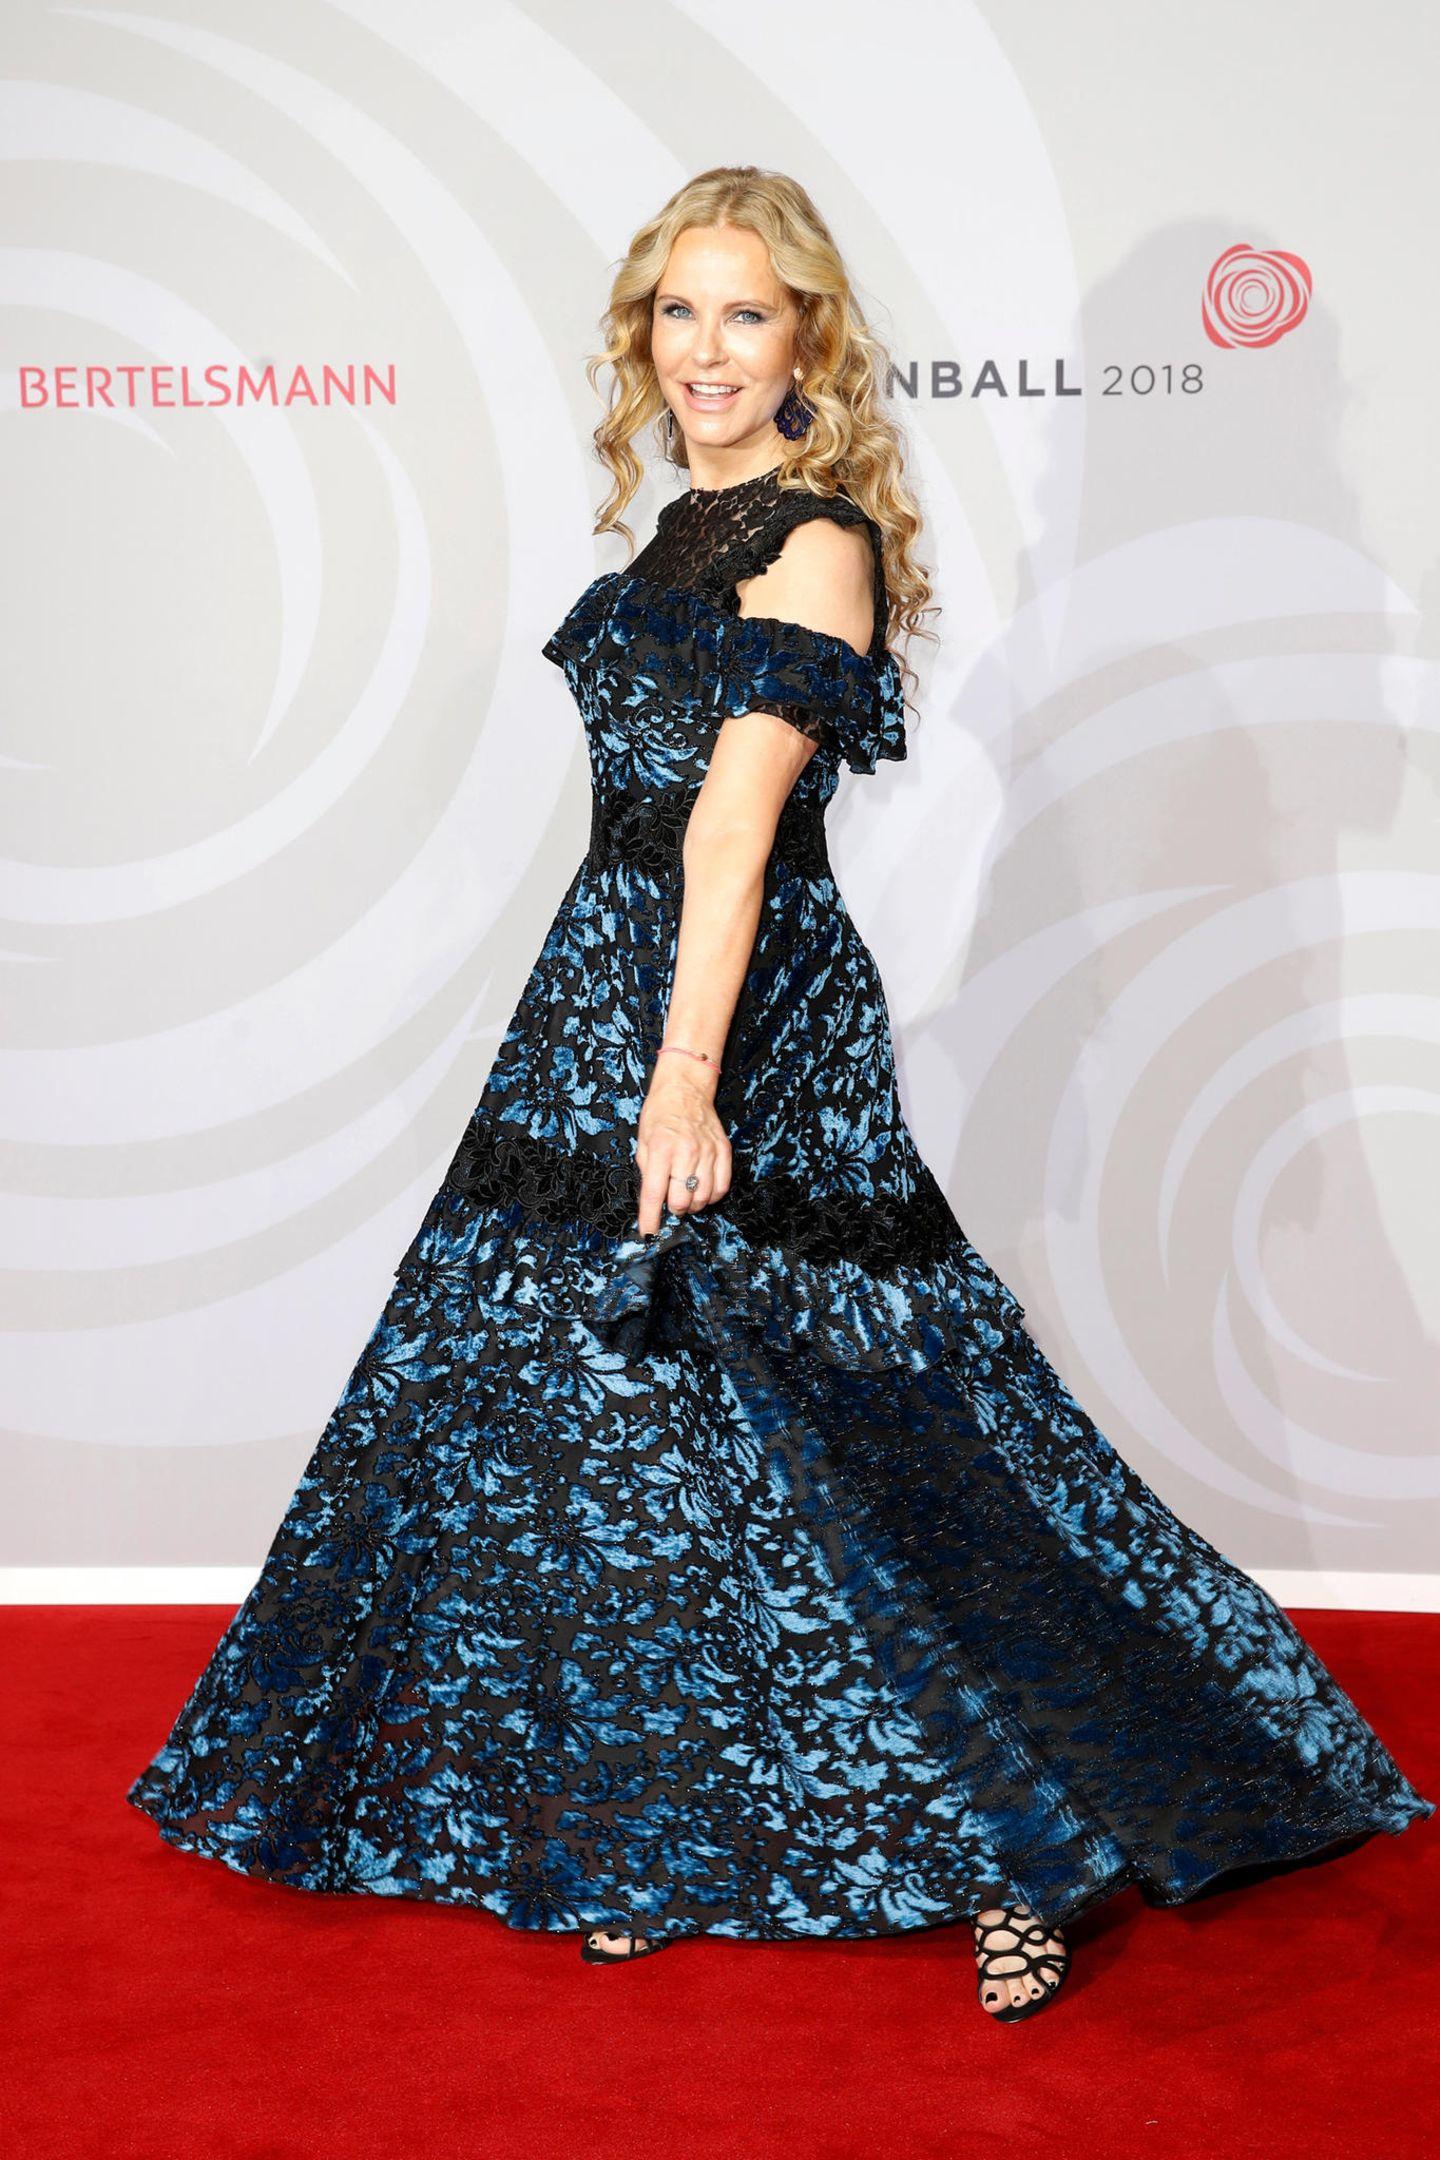 Moderatorin Katja Burkard schwebtein einem bodenlangen Blumenkleid mit Spitzen-Details über den Red Carpet.